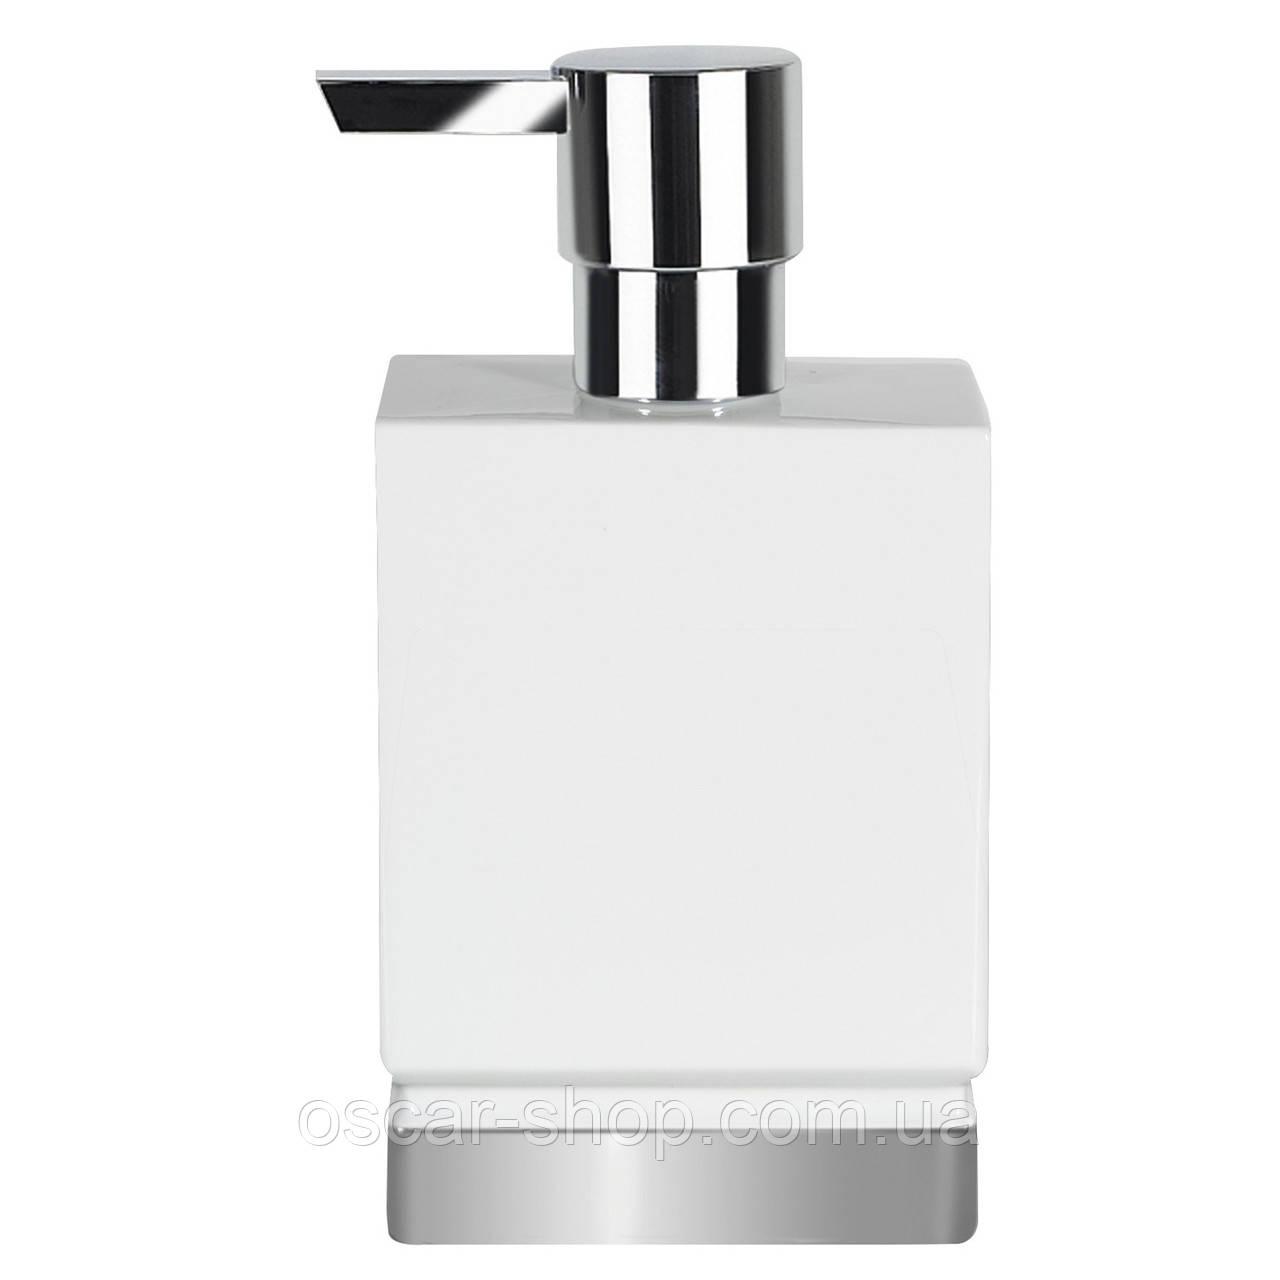 Дозатор для жидкого мыла SPIRELLA ROMA, фарфор